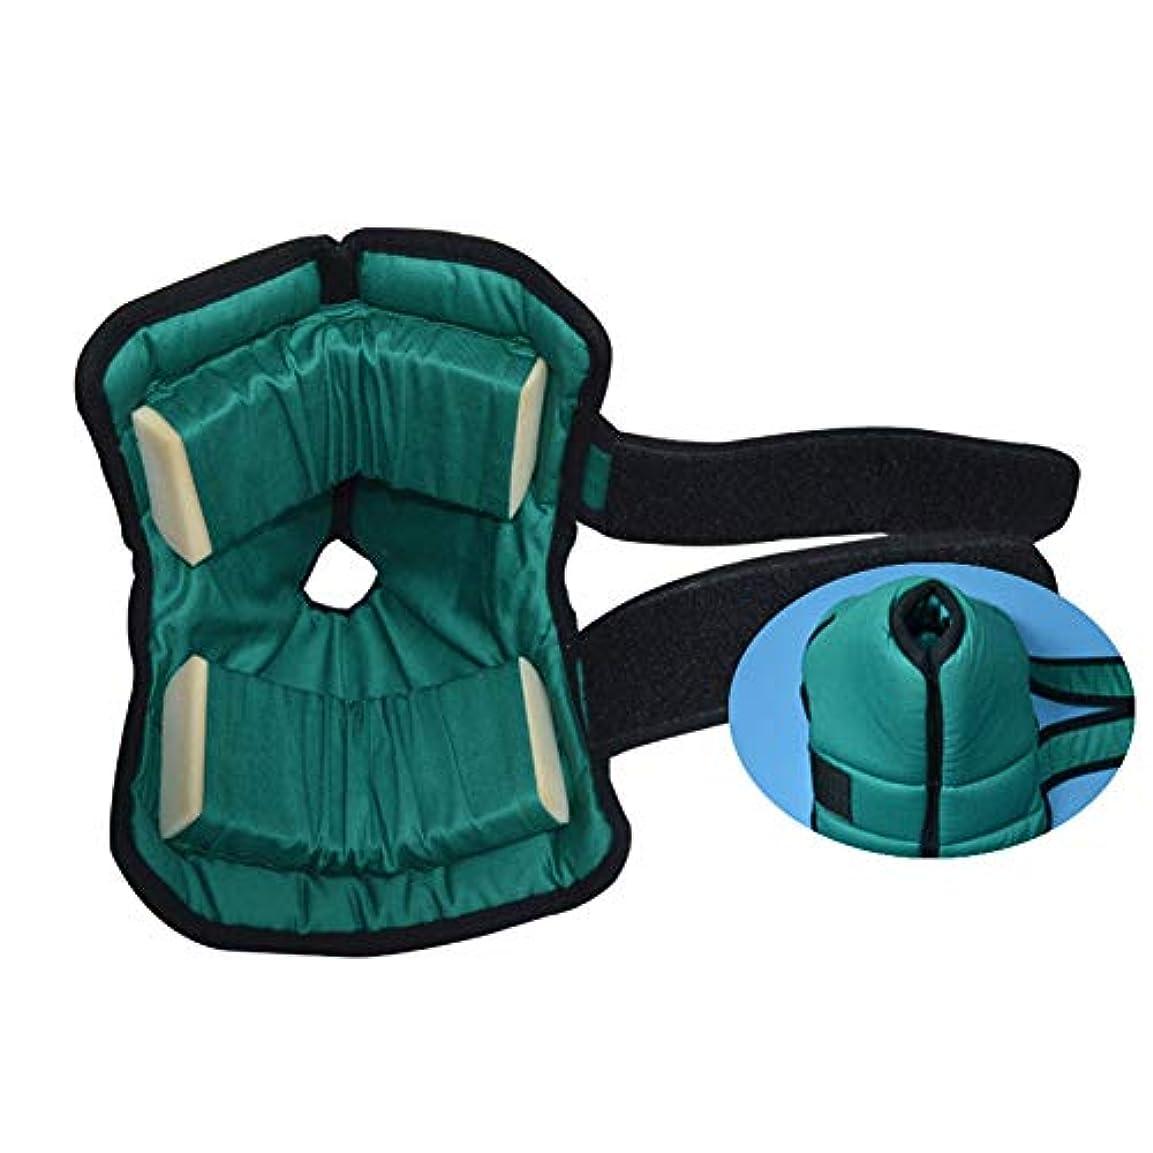 私たち自身並外れてハードかかとプロテクター枕、足枕かかとクッションプロテクター、Pressure瘡予防のためのアキレス腱プロテクター、高齢者の足の補正カバー-1ペア